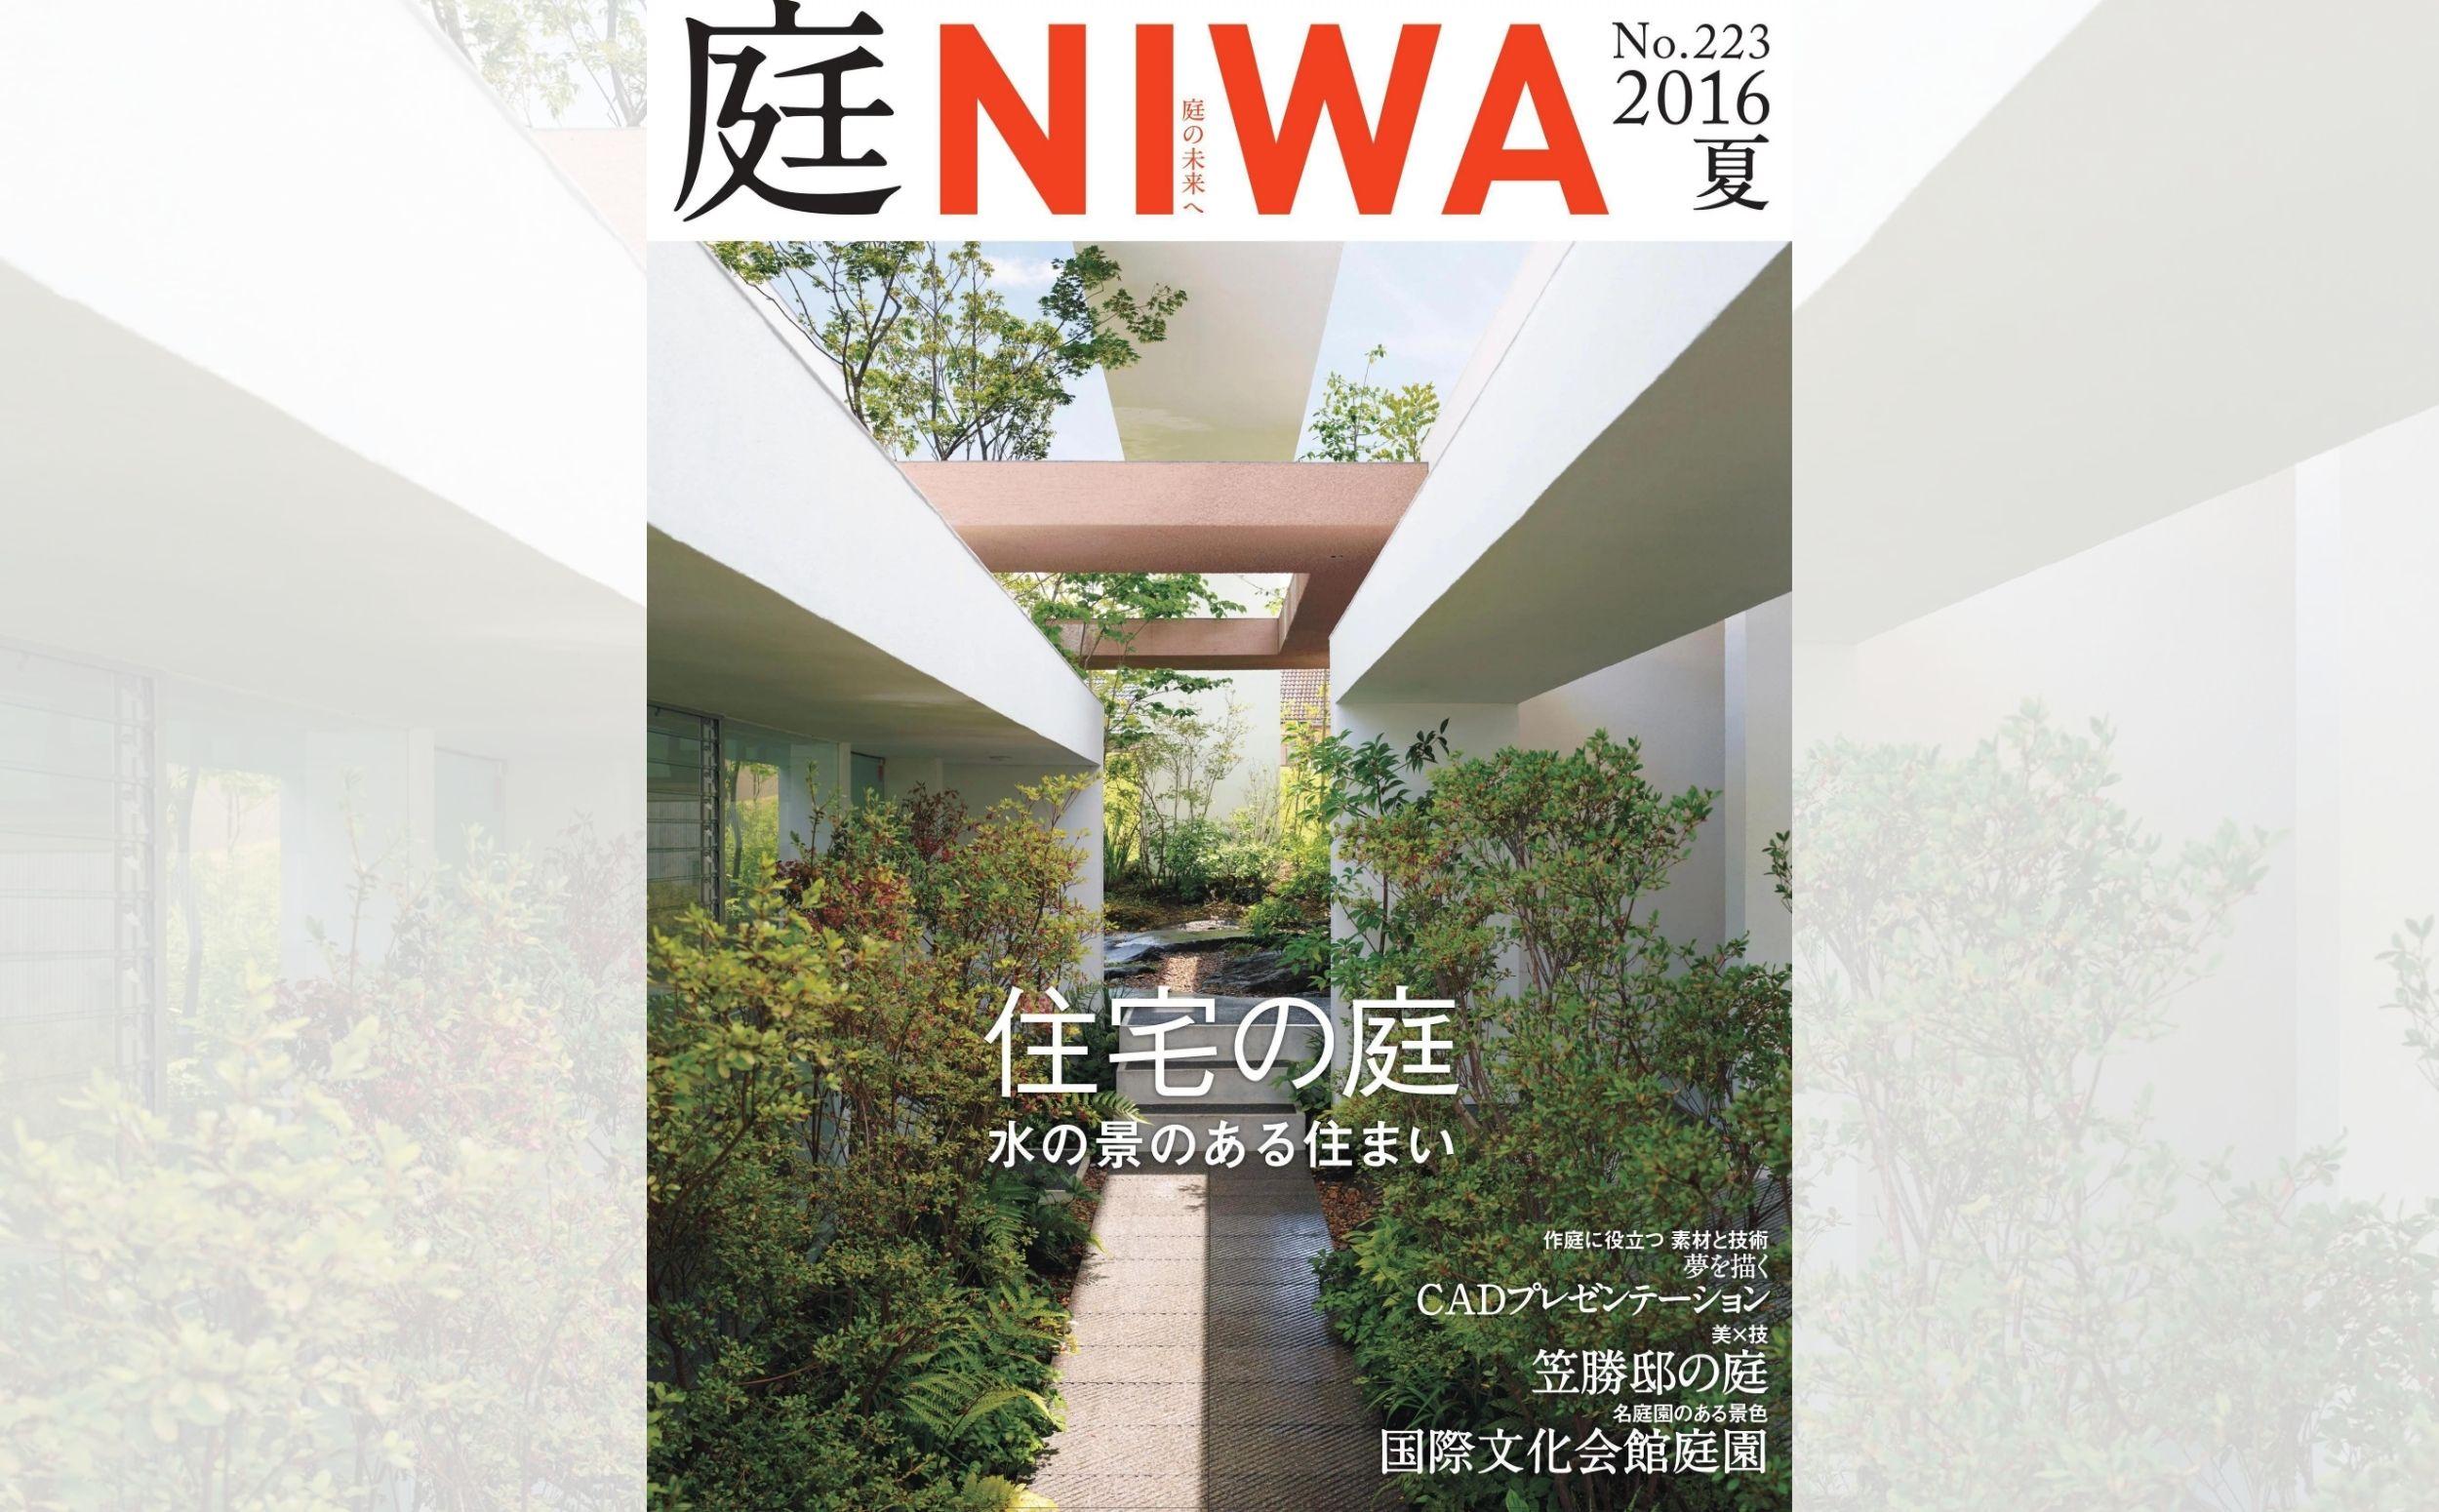 庭NIWA No.223 2016夏『住宅の庭 水の景のある住まい』